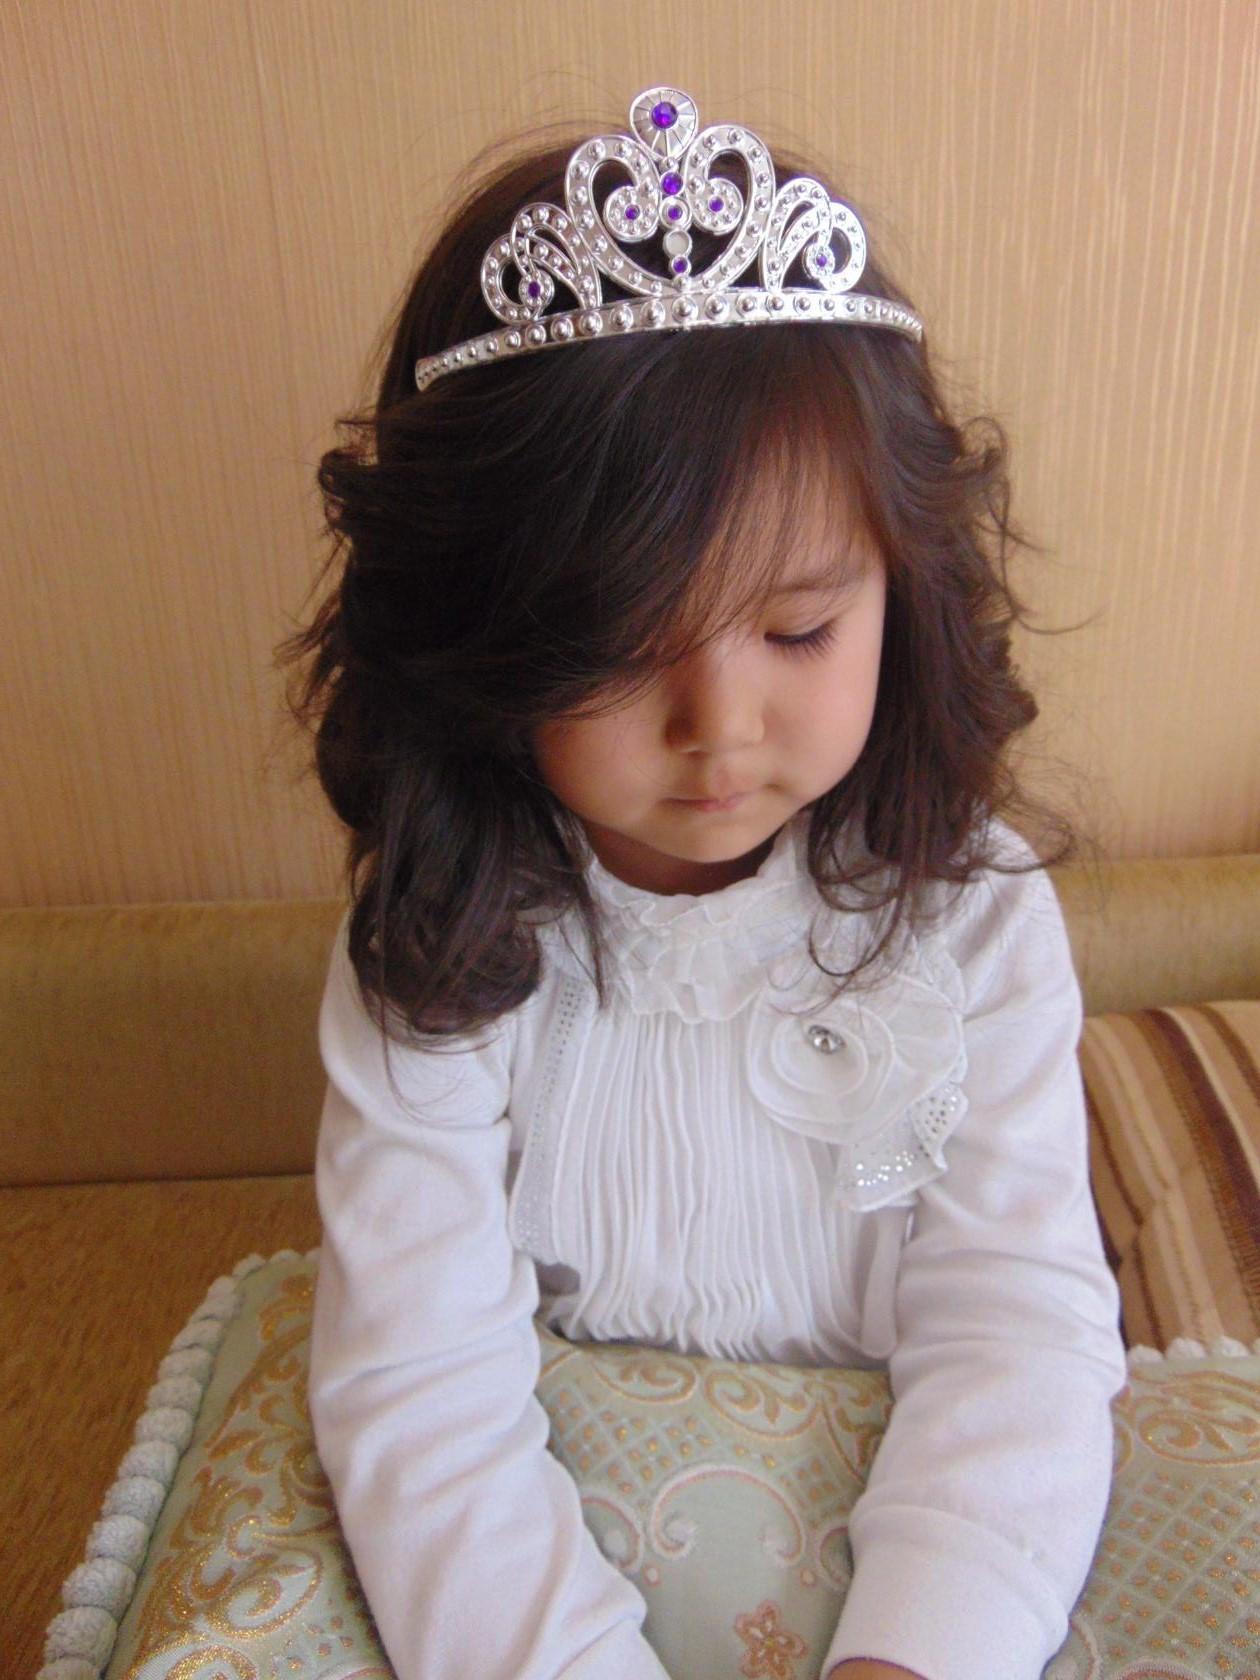 Лина на бал. Принцесса собирается на бал